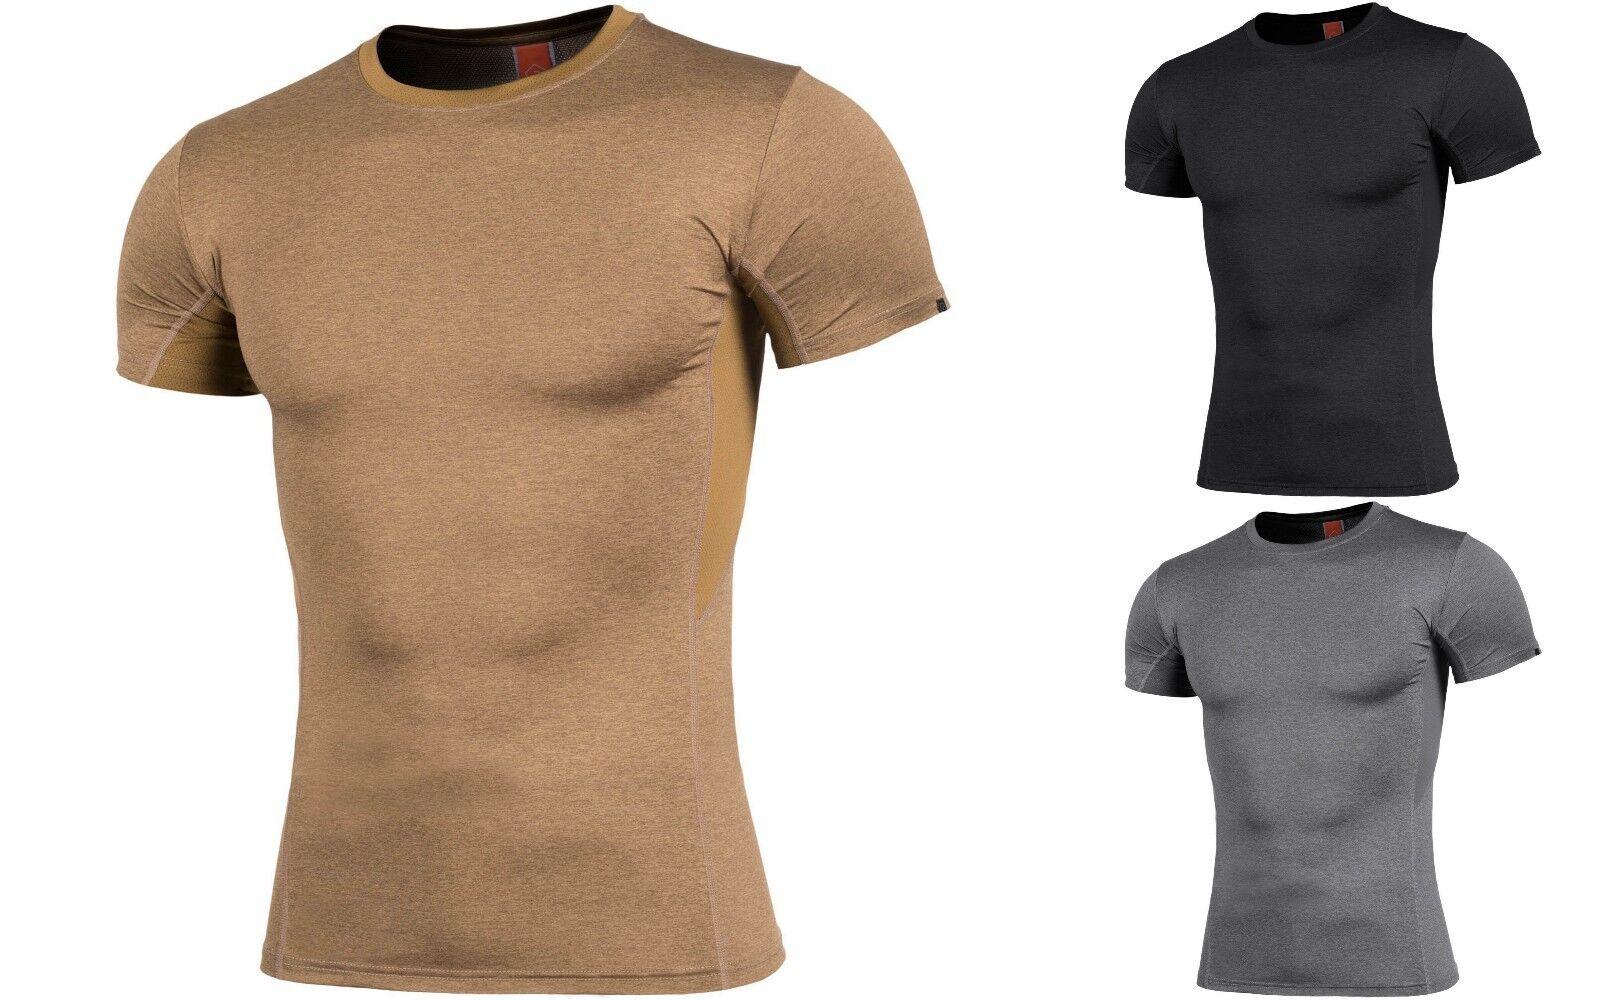 PENTAGON Jersey-T-Shirt Mann Rundhalsausschnitt angepasst sport Slim fit APOLLO